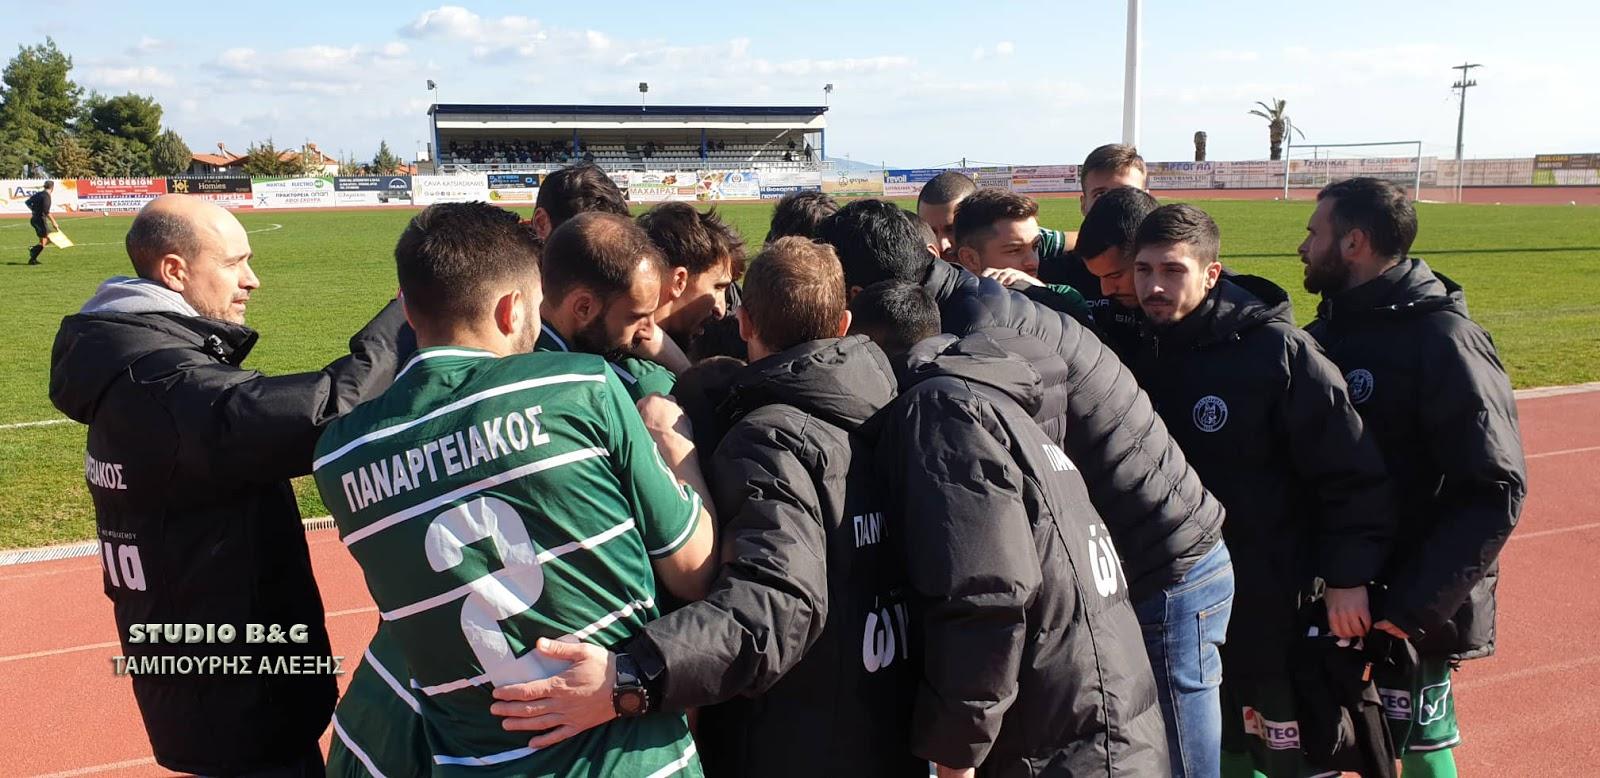 Στο 63′ με πέναλτι που κέρδισε ο Μπουντόπουλος αι εκτέλεσε ο Μενδρινός  έδωσε τη νίκη (1-0) στον Παναργειακό στο τοπικό ντέρμπι με την Ένωση Λέρνας  στο ΔΑΚ ... 4d975a594a6